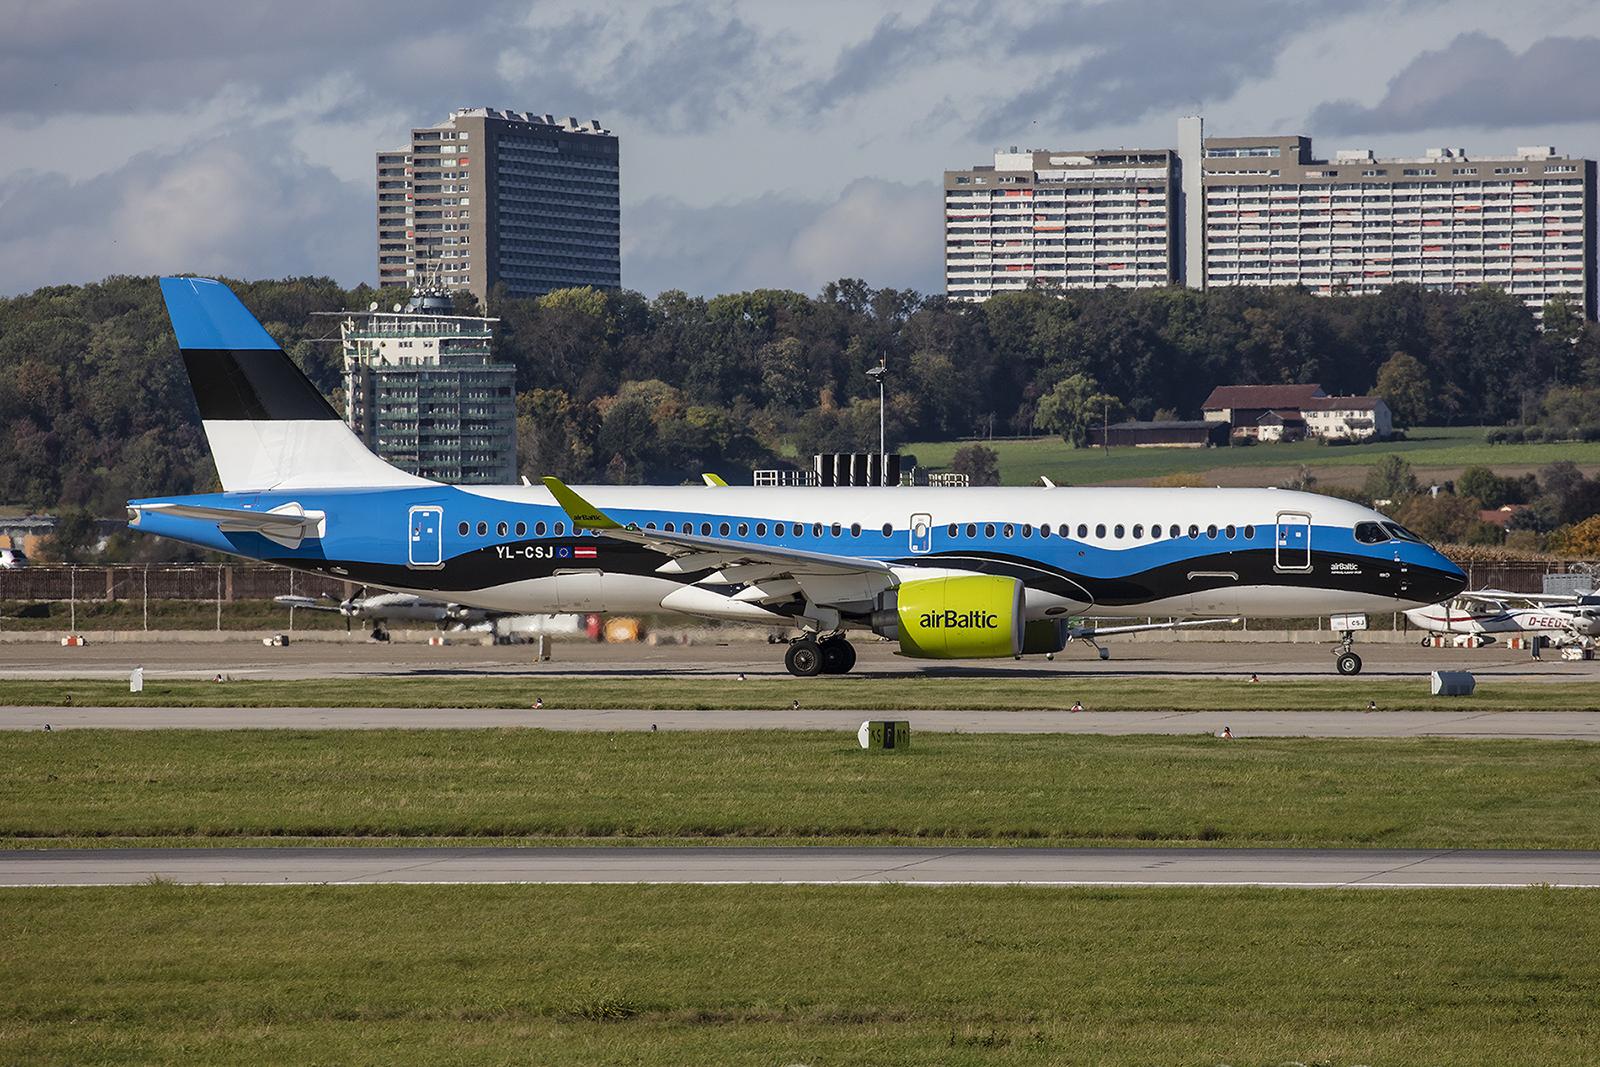 Das Highlight des Tages gleich zu Beginn, YL-CSJ, Airbus A220-300 der AirBaltic in den Nationalfarben von Estland.